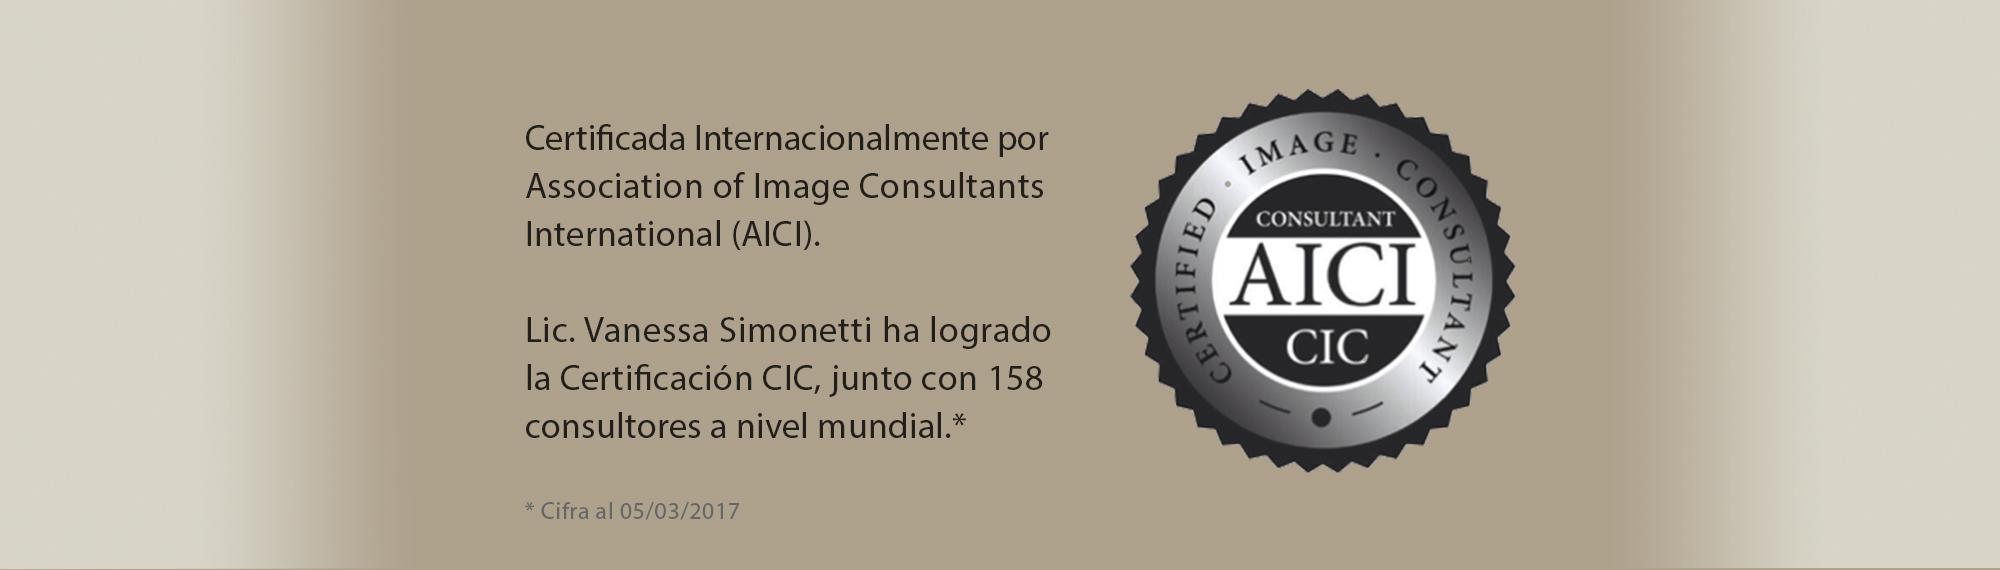 CIC-1